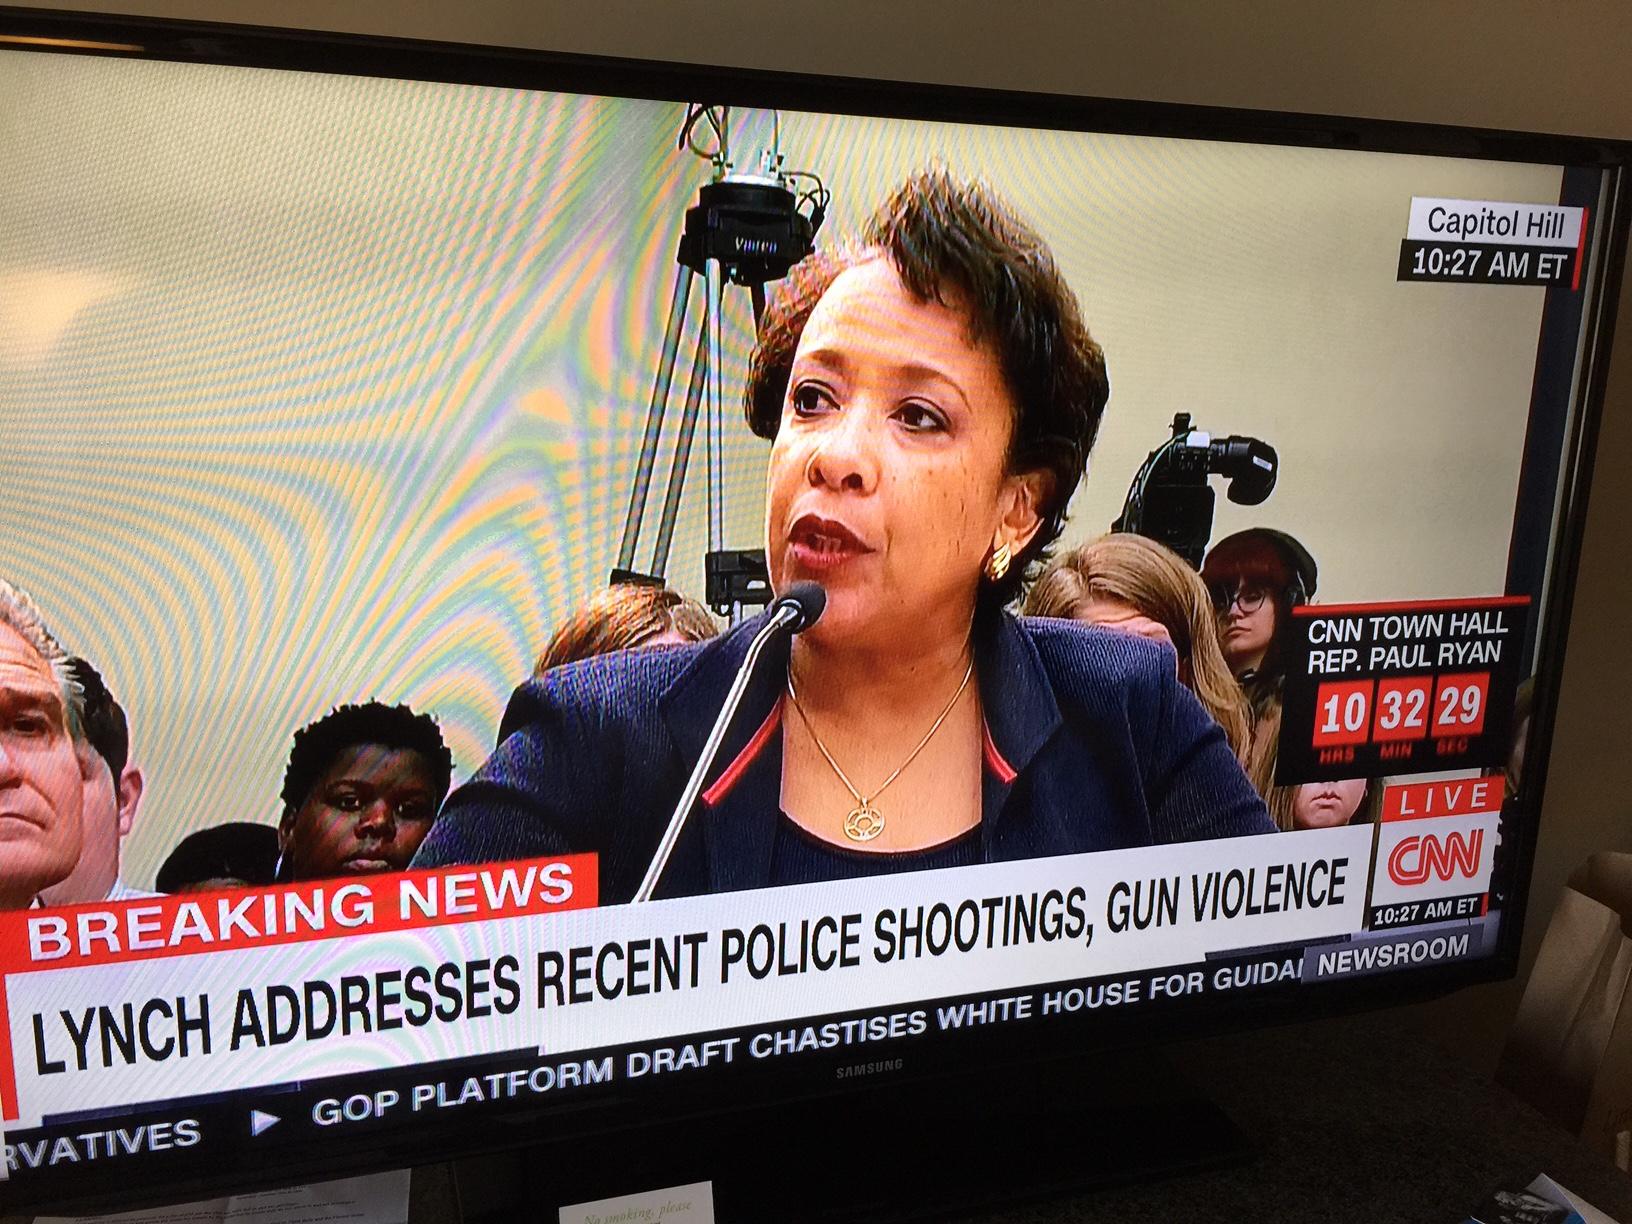 CNN Ticker